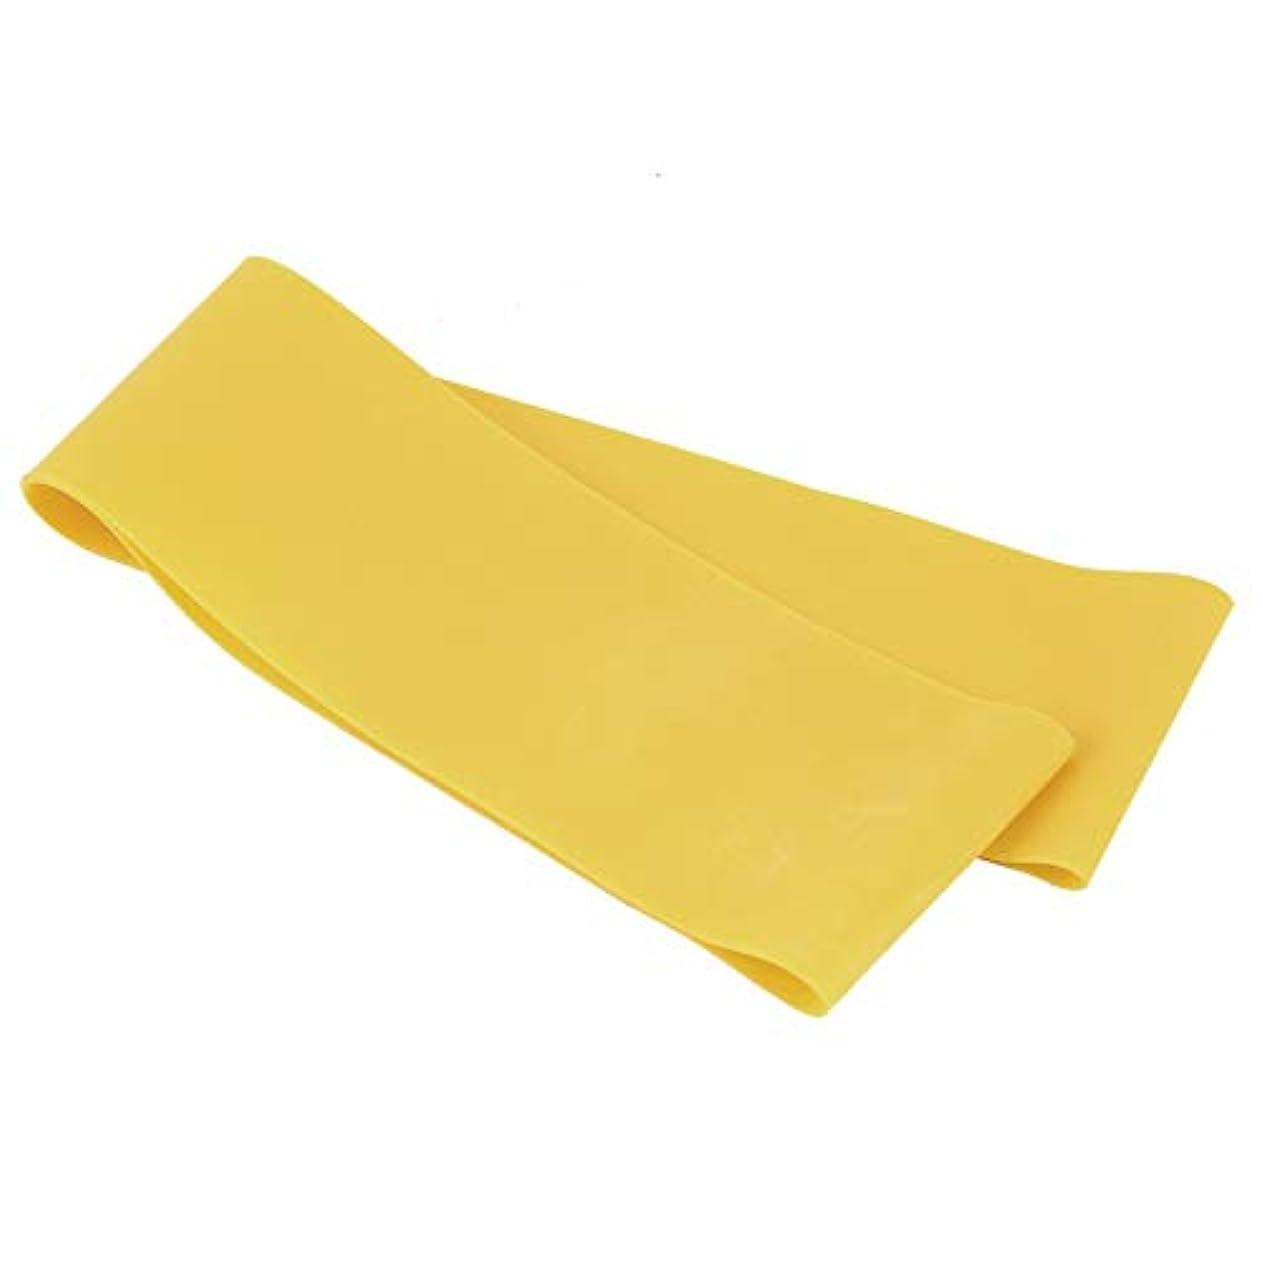 介入する不定キャビン滑り止めの伸縮性のあるゴム製伸縮性があるヨガのベルトバンド引きロープの張力抵抗バンドループ強さのためのフィットネスヨガツール - 黄色